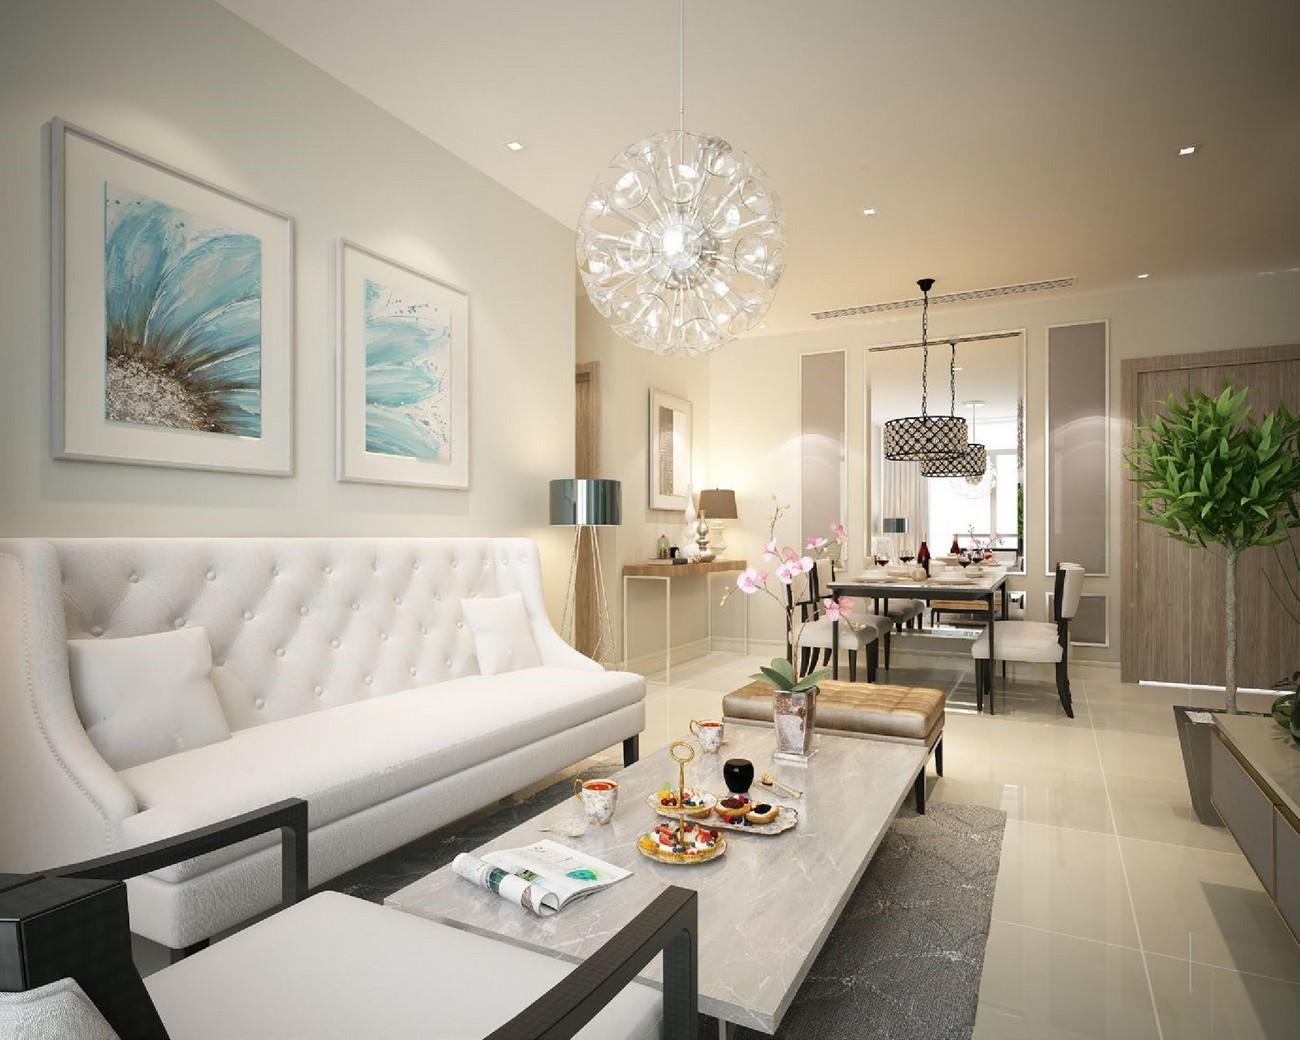 Nhà mẫu căn hộ Vinhomes Golden River Quận 1 Đường Nguyễn Hữu Cảnh chủ đầu tư Vingroup